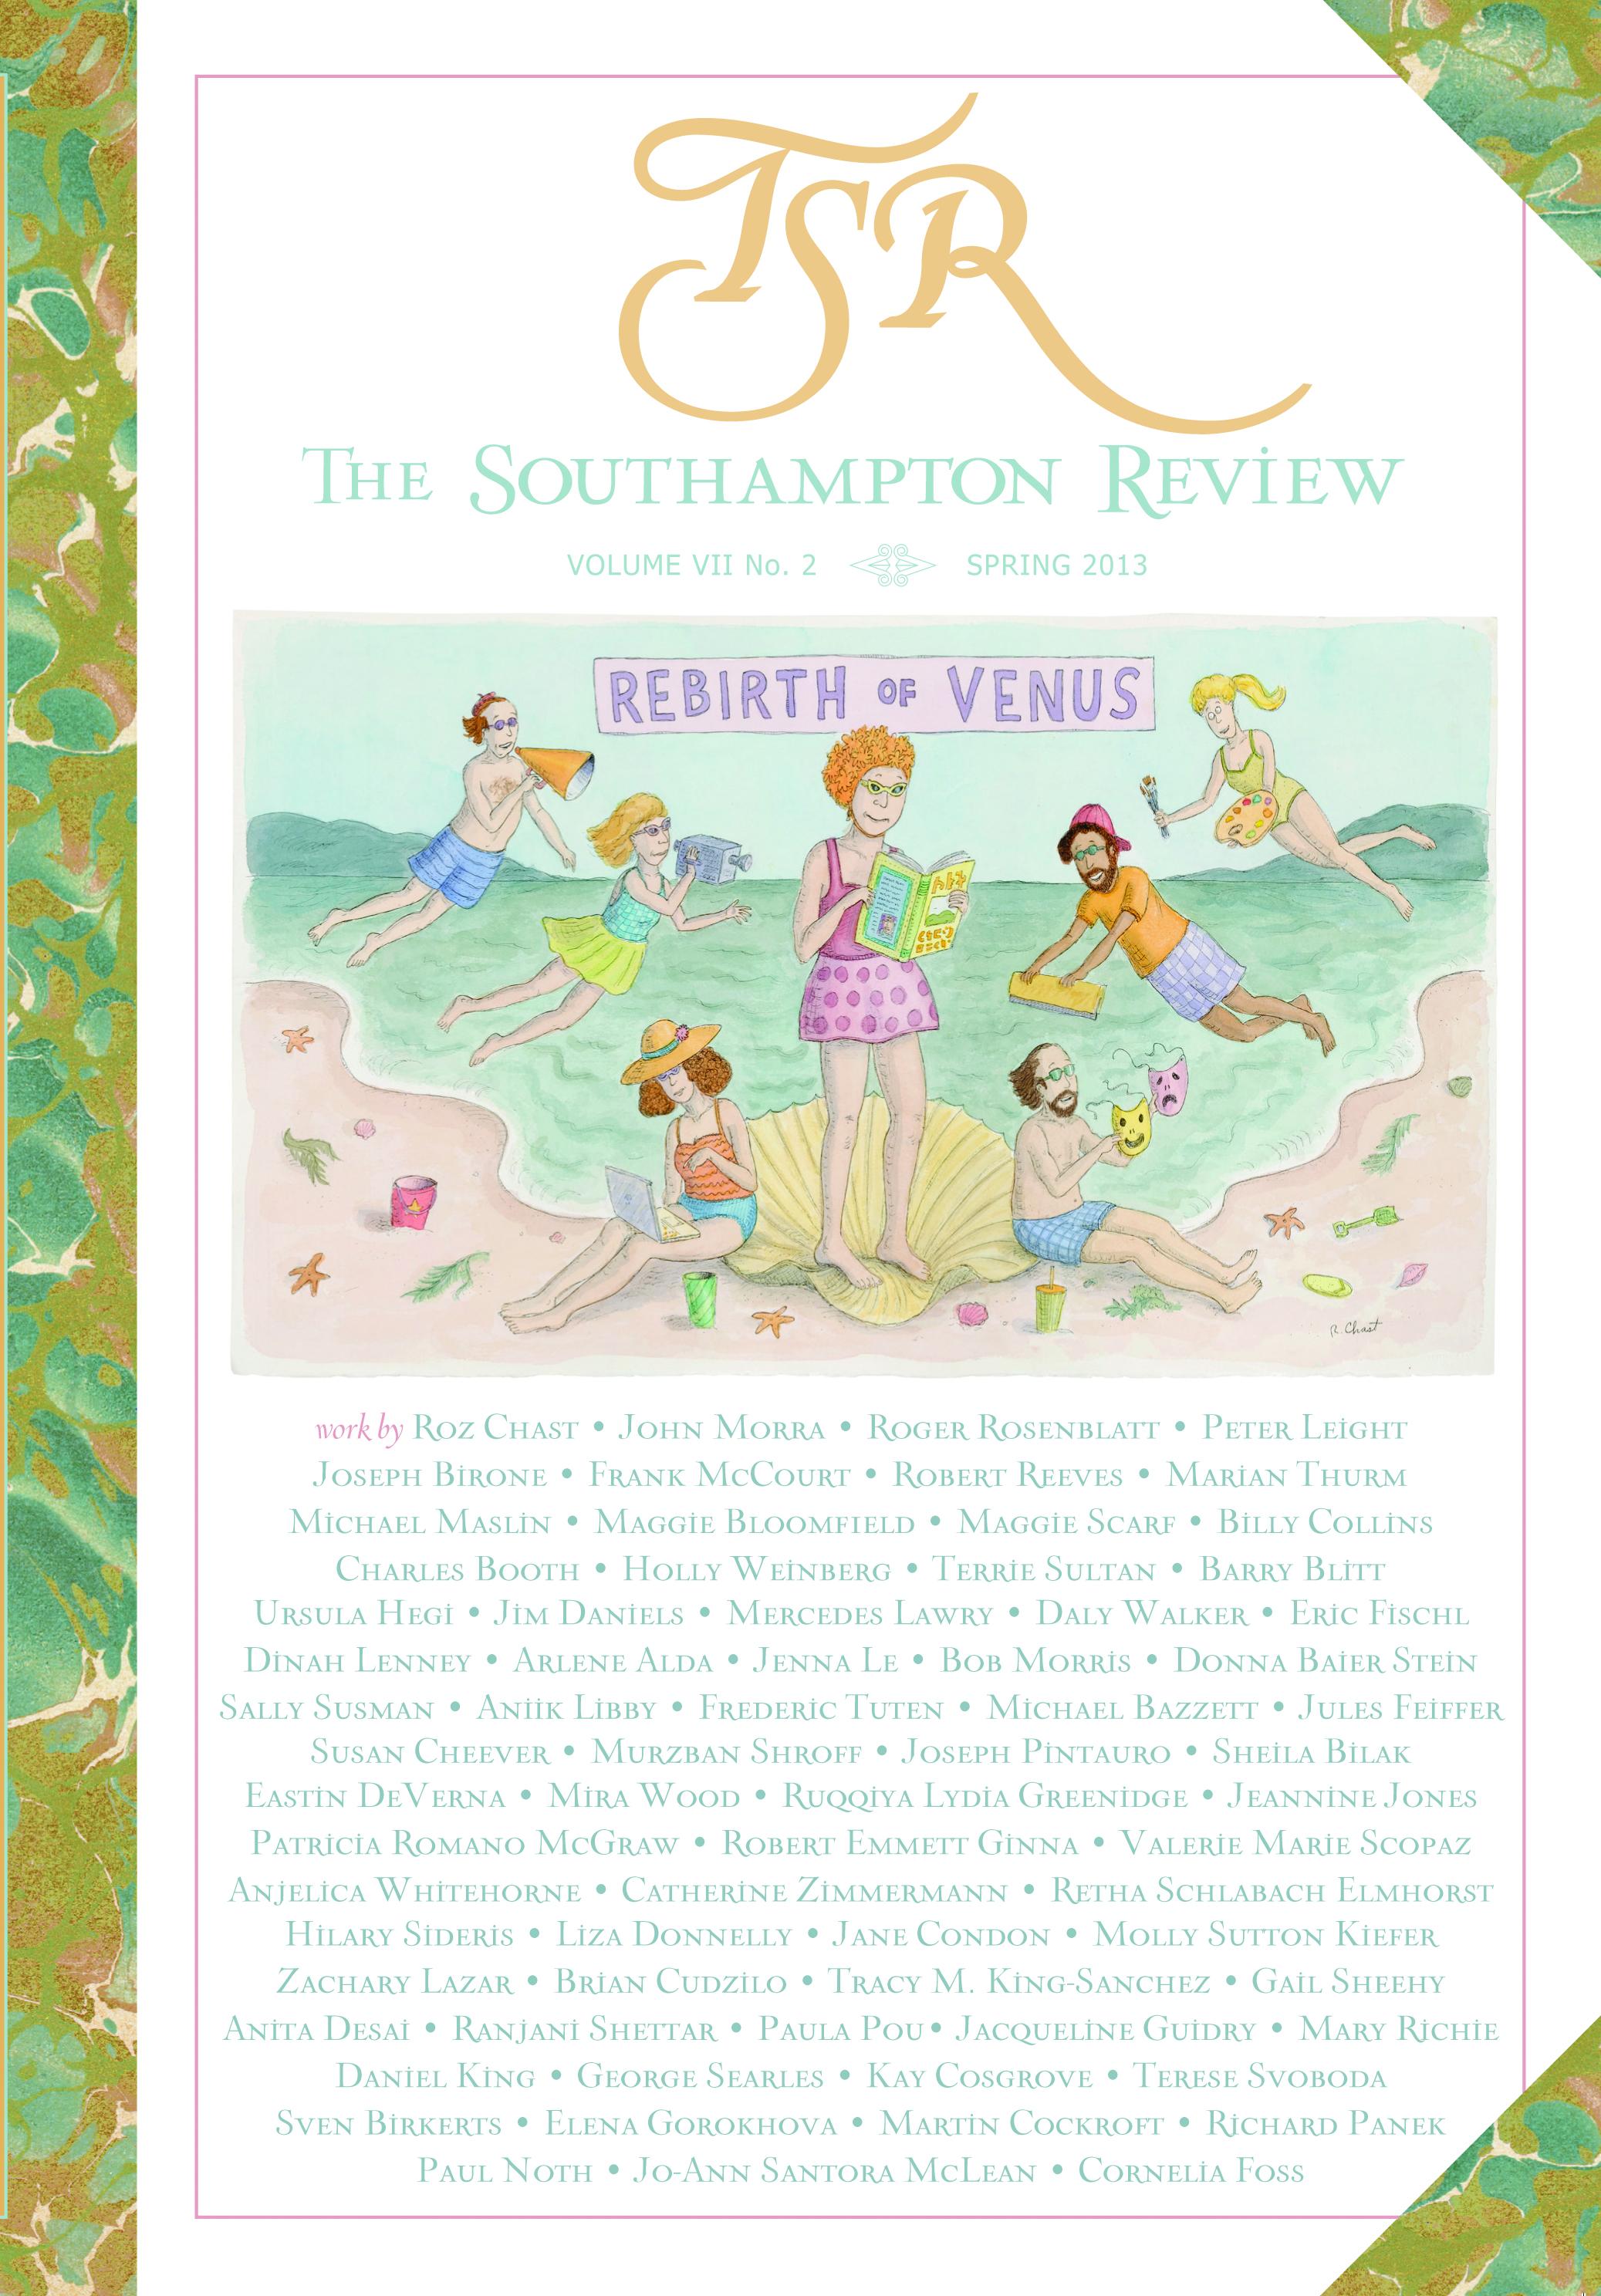 Tsr summer 2013 cover 1